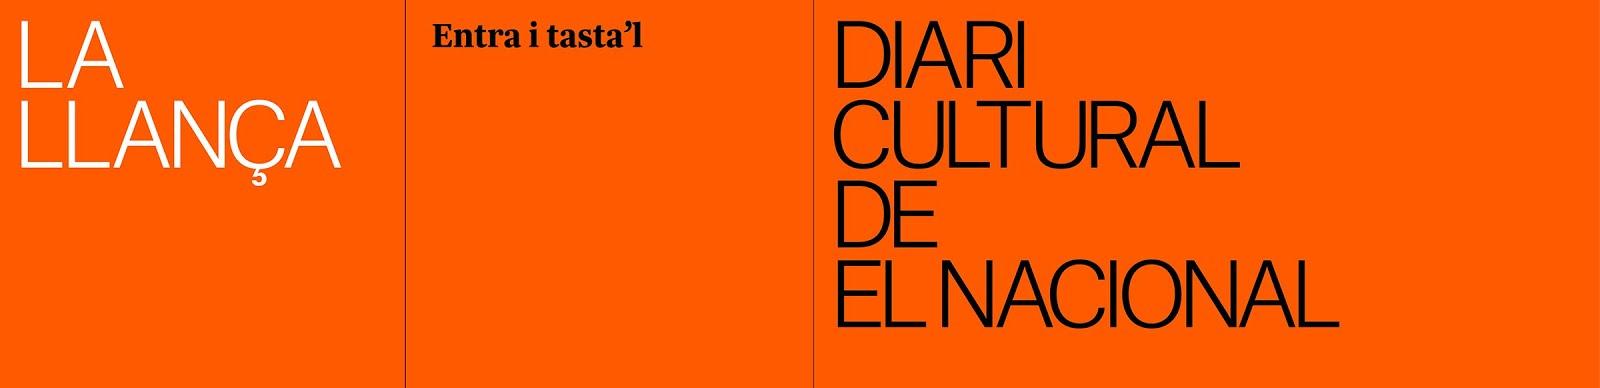 Entrevistes #Versirevers a poetes, a La Llança: